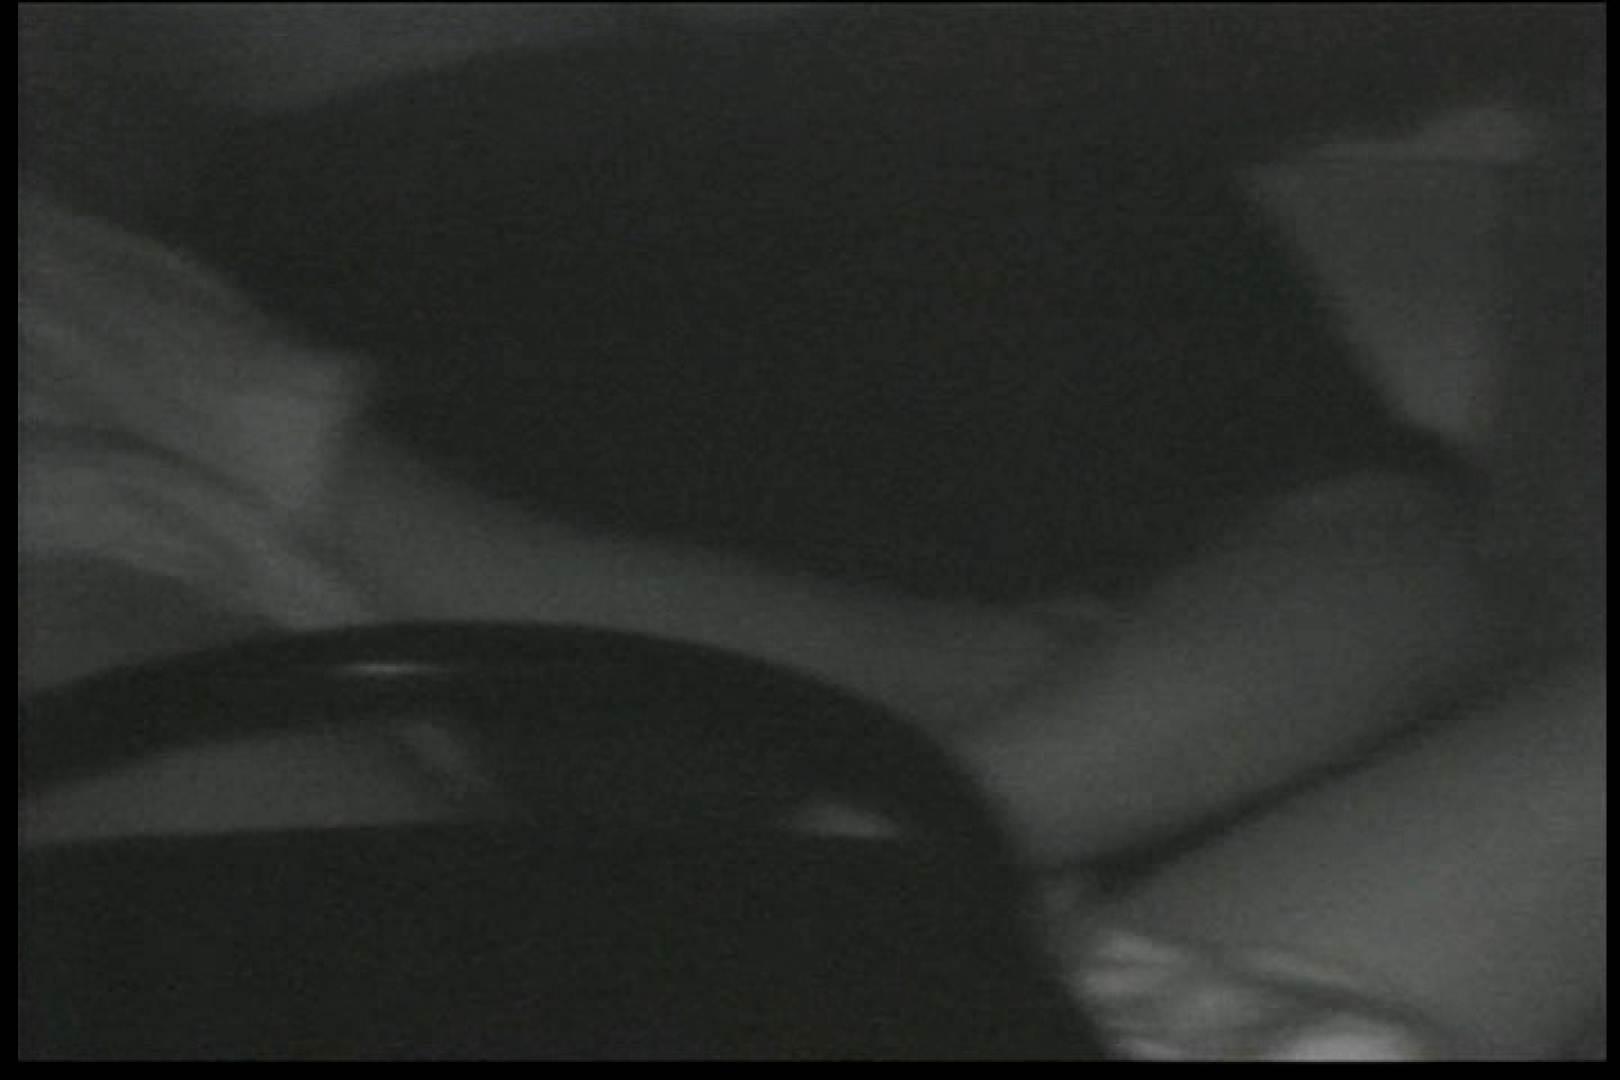 車の中はラブホテル 無修正版  Vol.12 エロティックなOL 盗み撮り動画 93画像 58